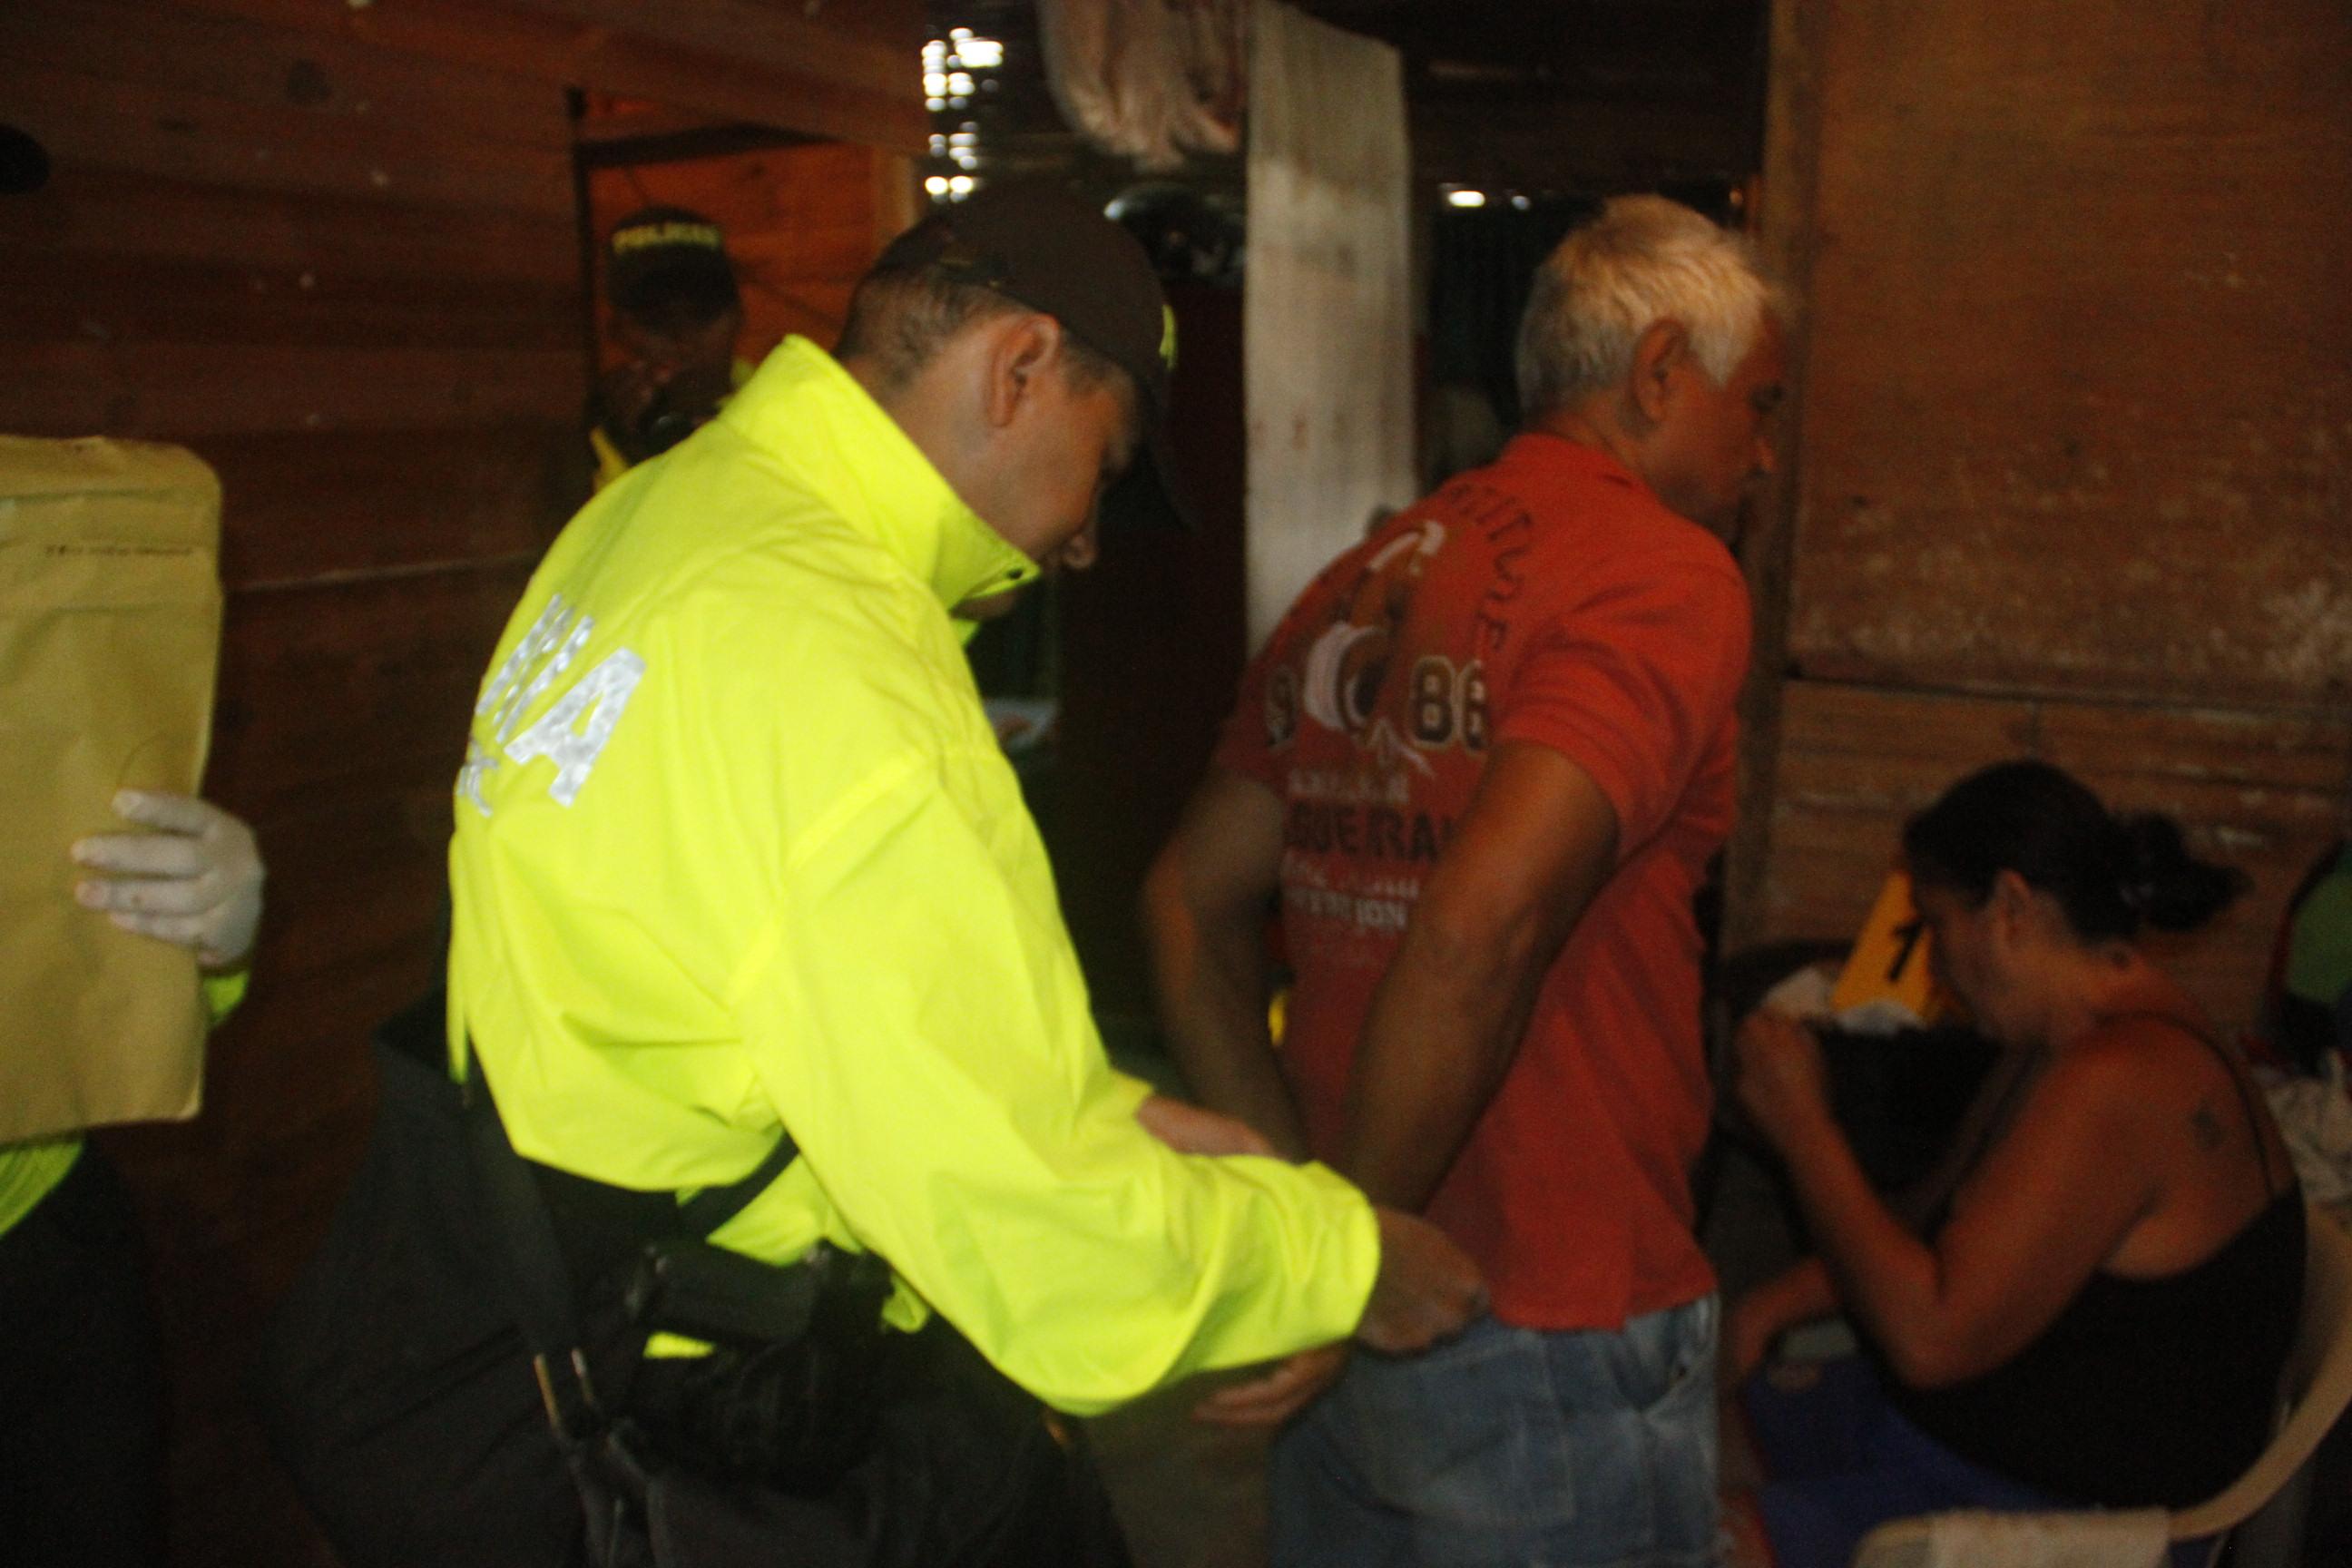 Banda delincuencial 'Las Gordas' fue desarticulada por la Policía